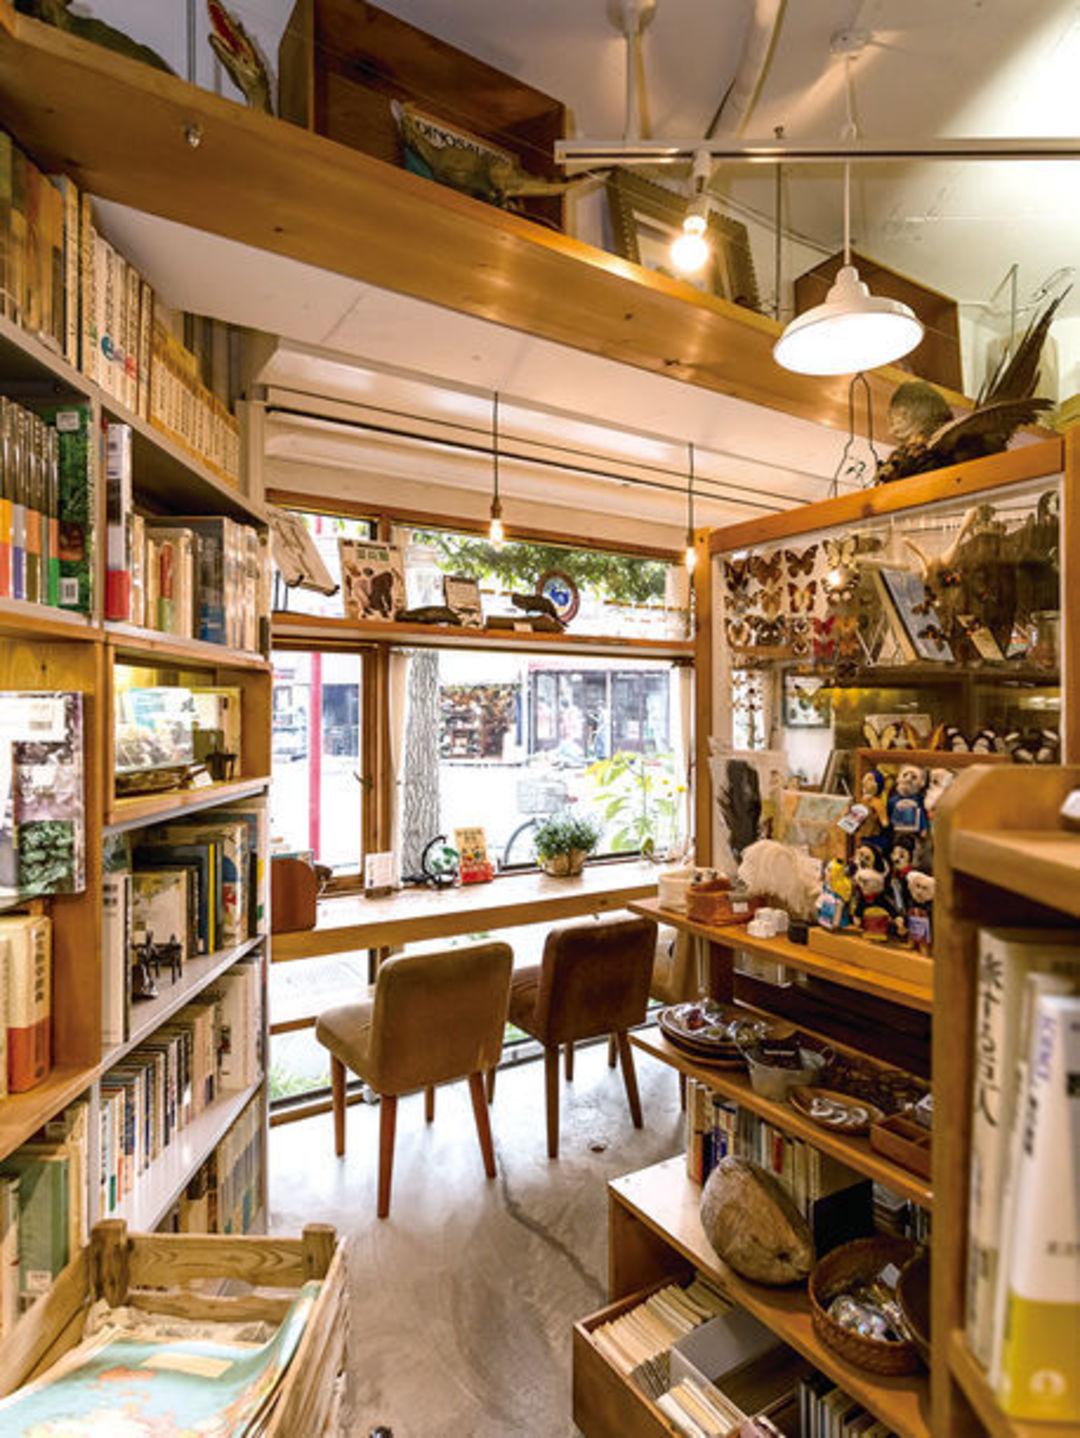 去东京,别错过这个像达尔文研究室一样的书店_设计_好奇心日报